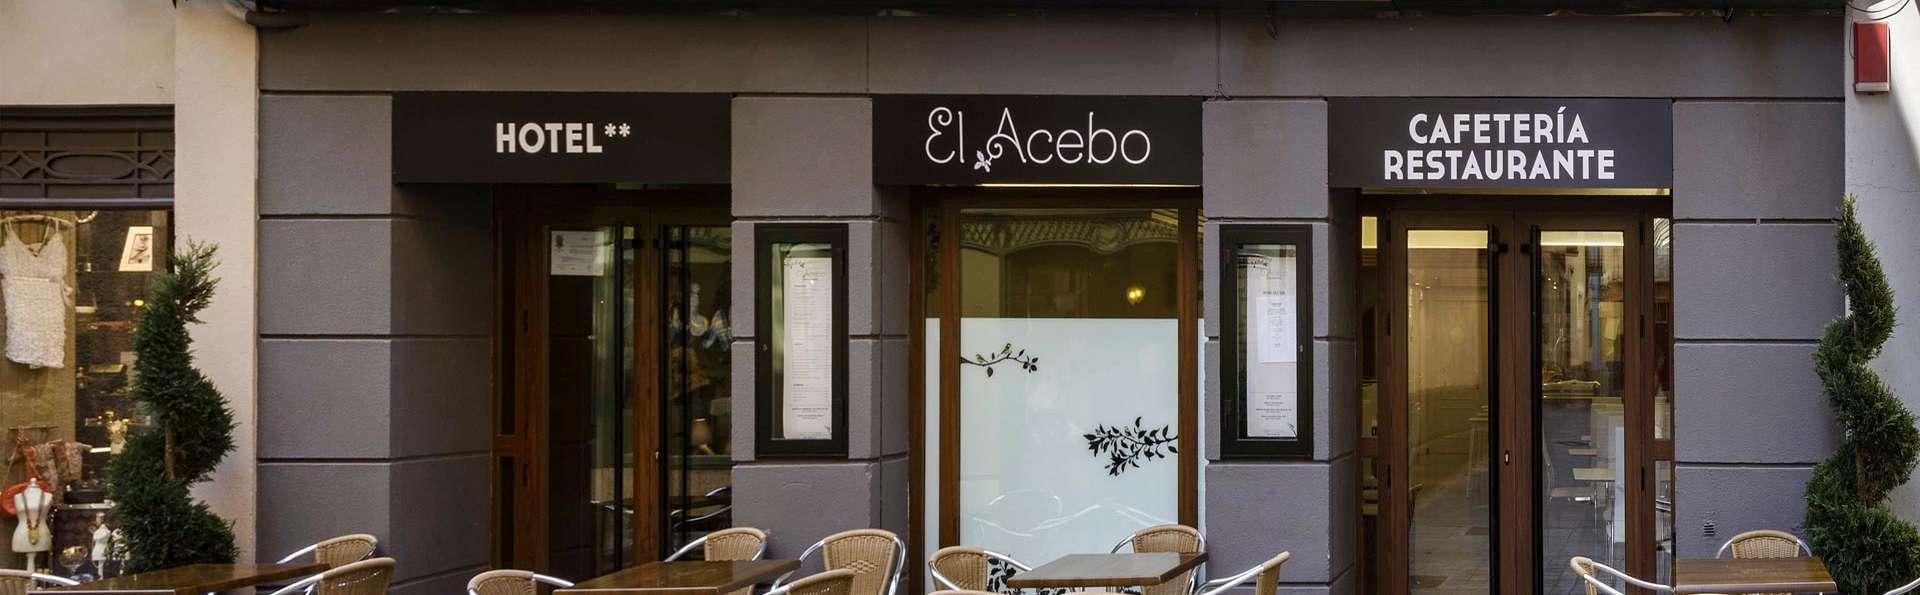 Hotel El Acebo - EDIT_FRONT_01.jpg